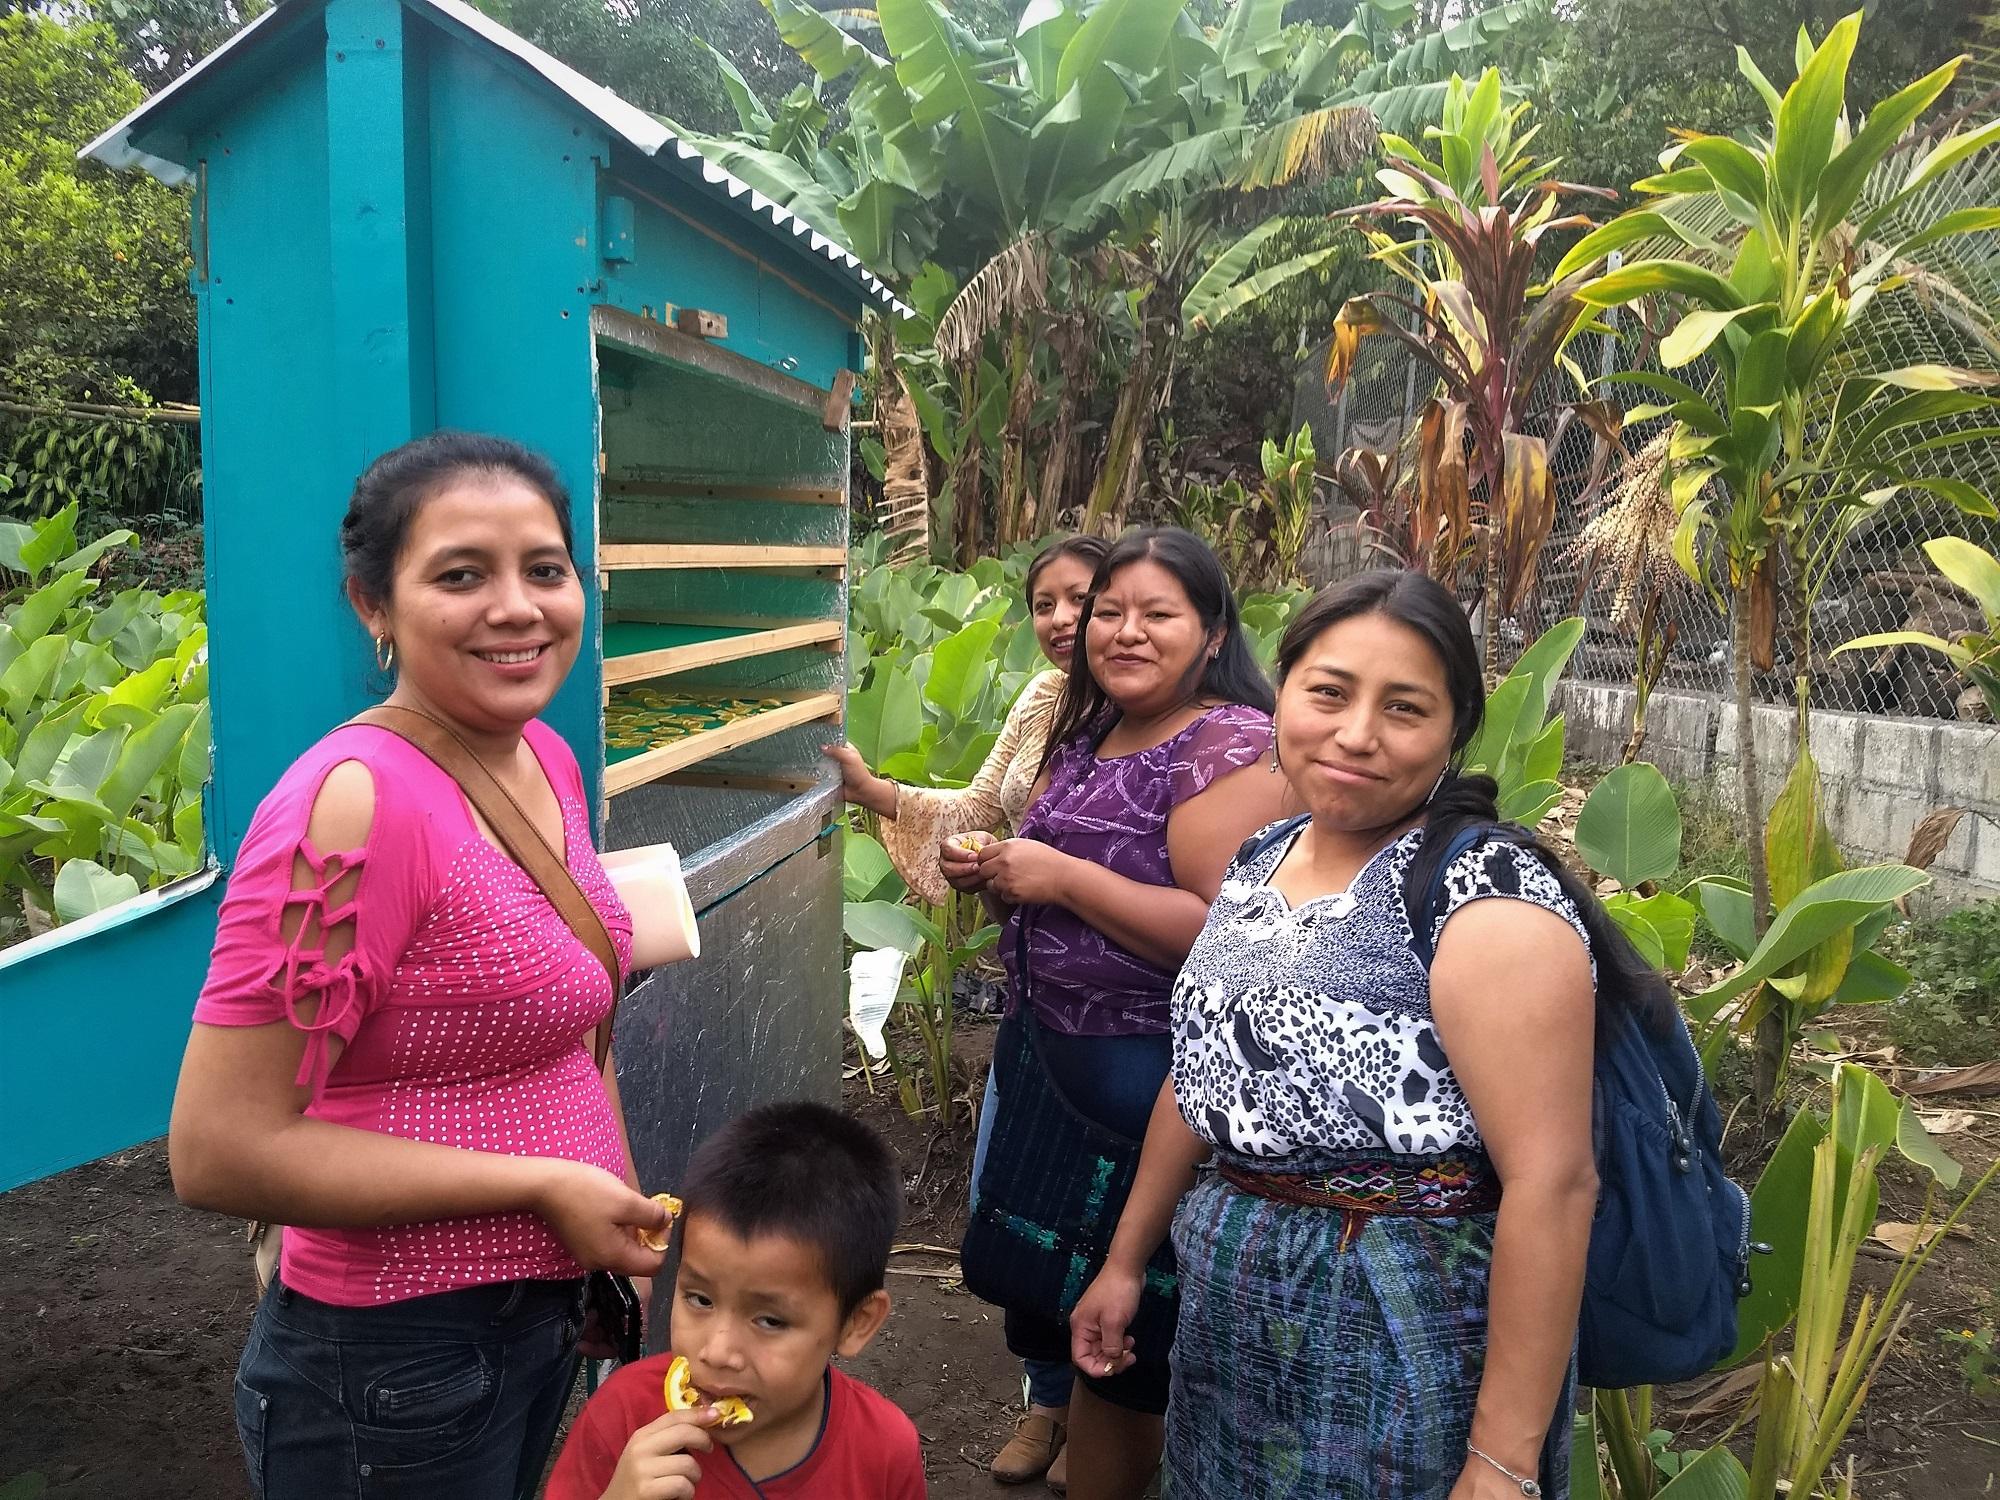 Las tecnologías ecológicas nos ayudan a cultivar alimentos y respaldan a nuestra comunidad.